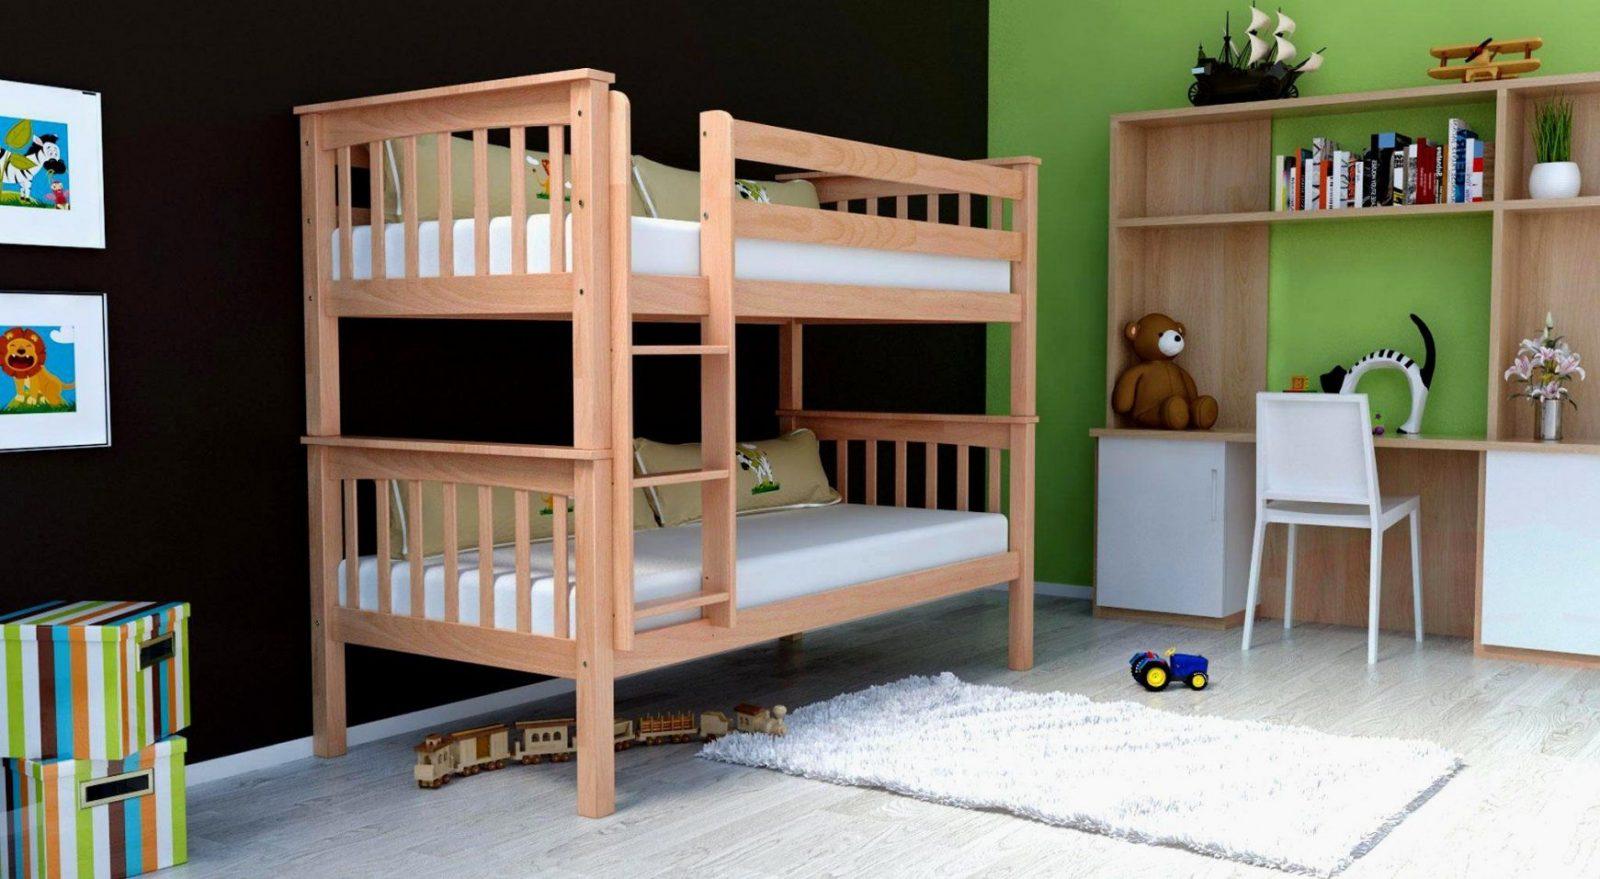 Etagenbett Erwachsene Metall : Etagenbett für erwachsene mit treppe neu